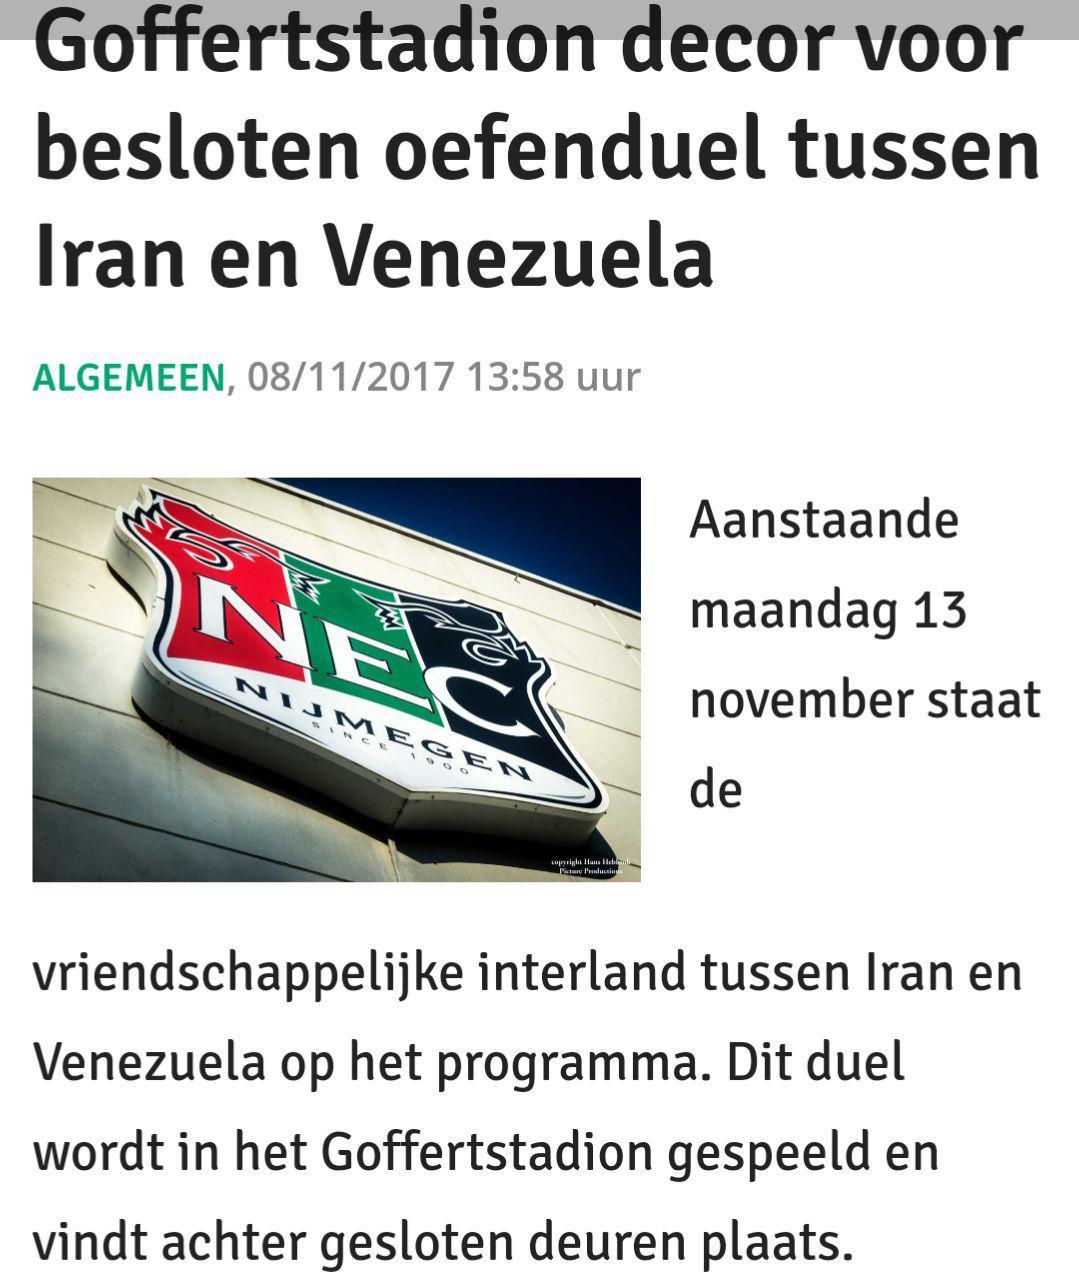 محل دیدار ایران و ونزوئلا تغییر کرد/ شاگردان کی روش پشت درهای بسته به میدان می روند